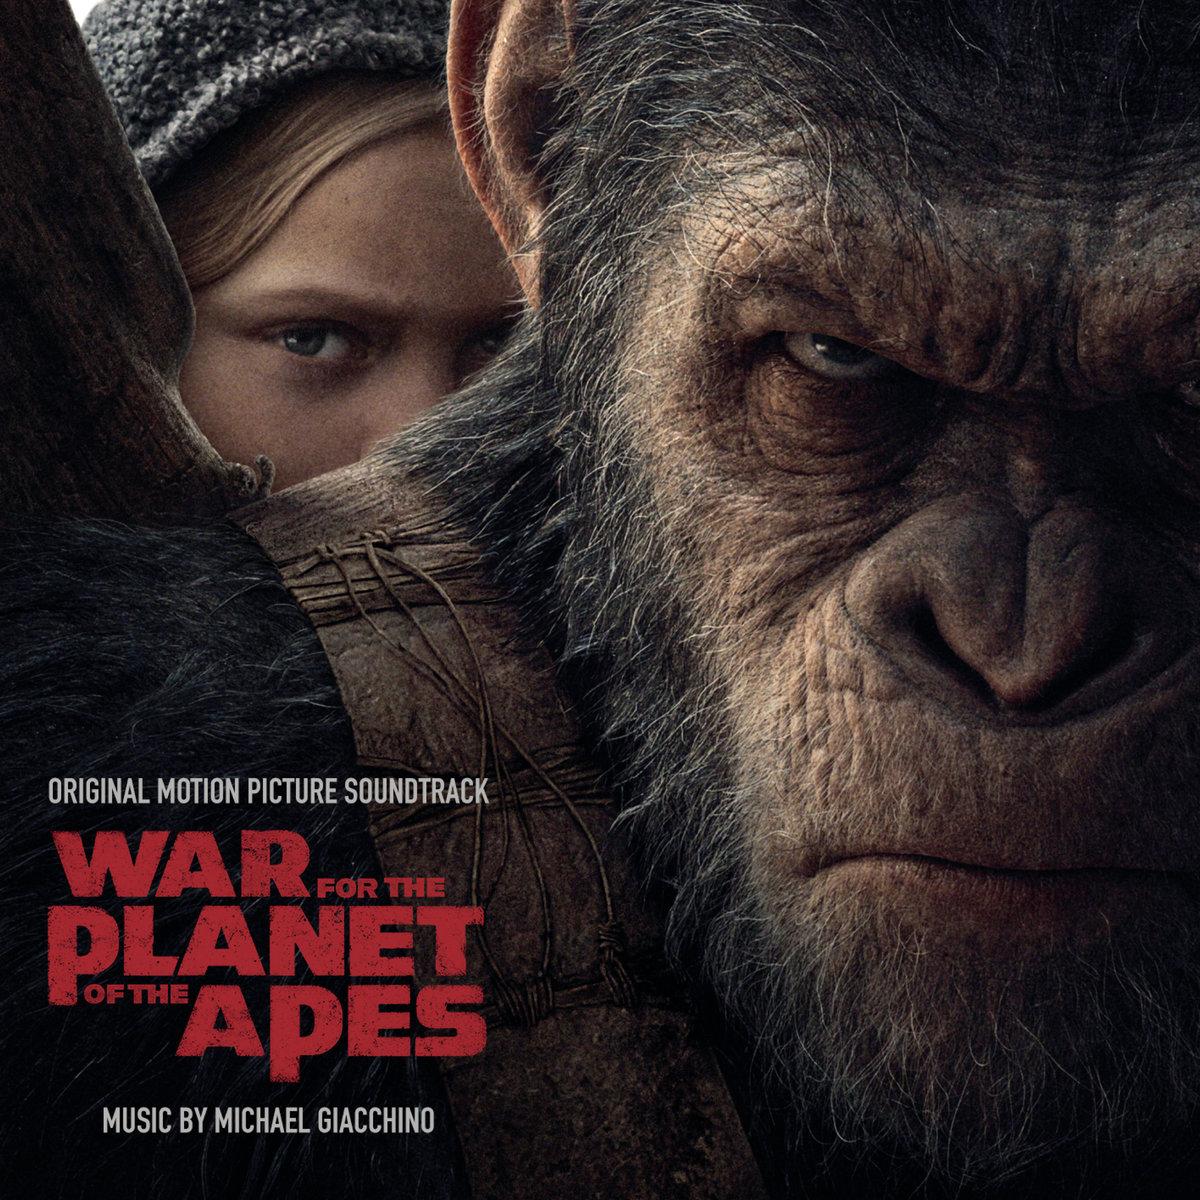 Планета обезьян война фильм 2017 музыка из фильма роберт паттинсон и беременная кристен стюарт